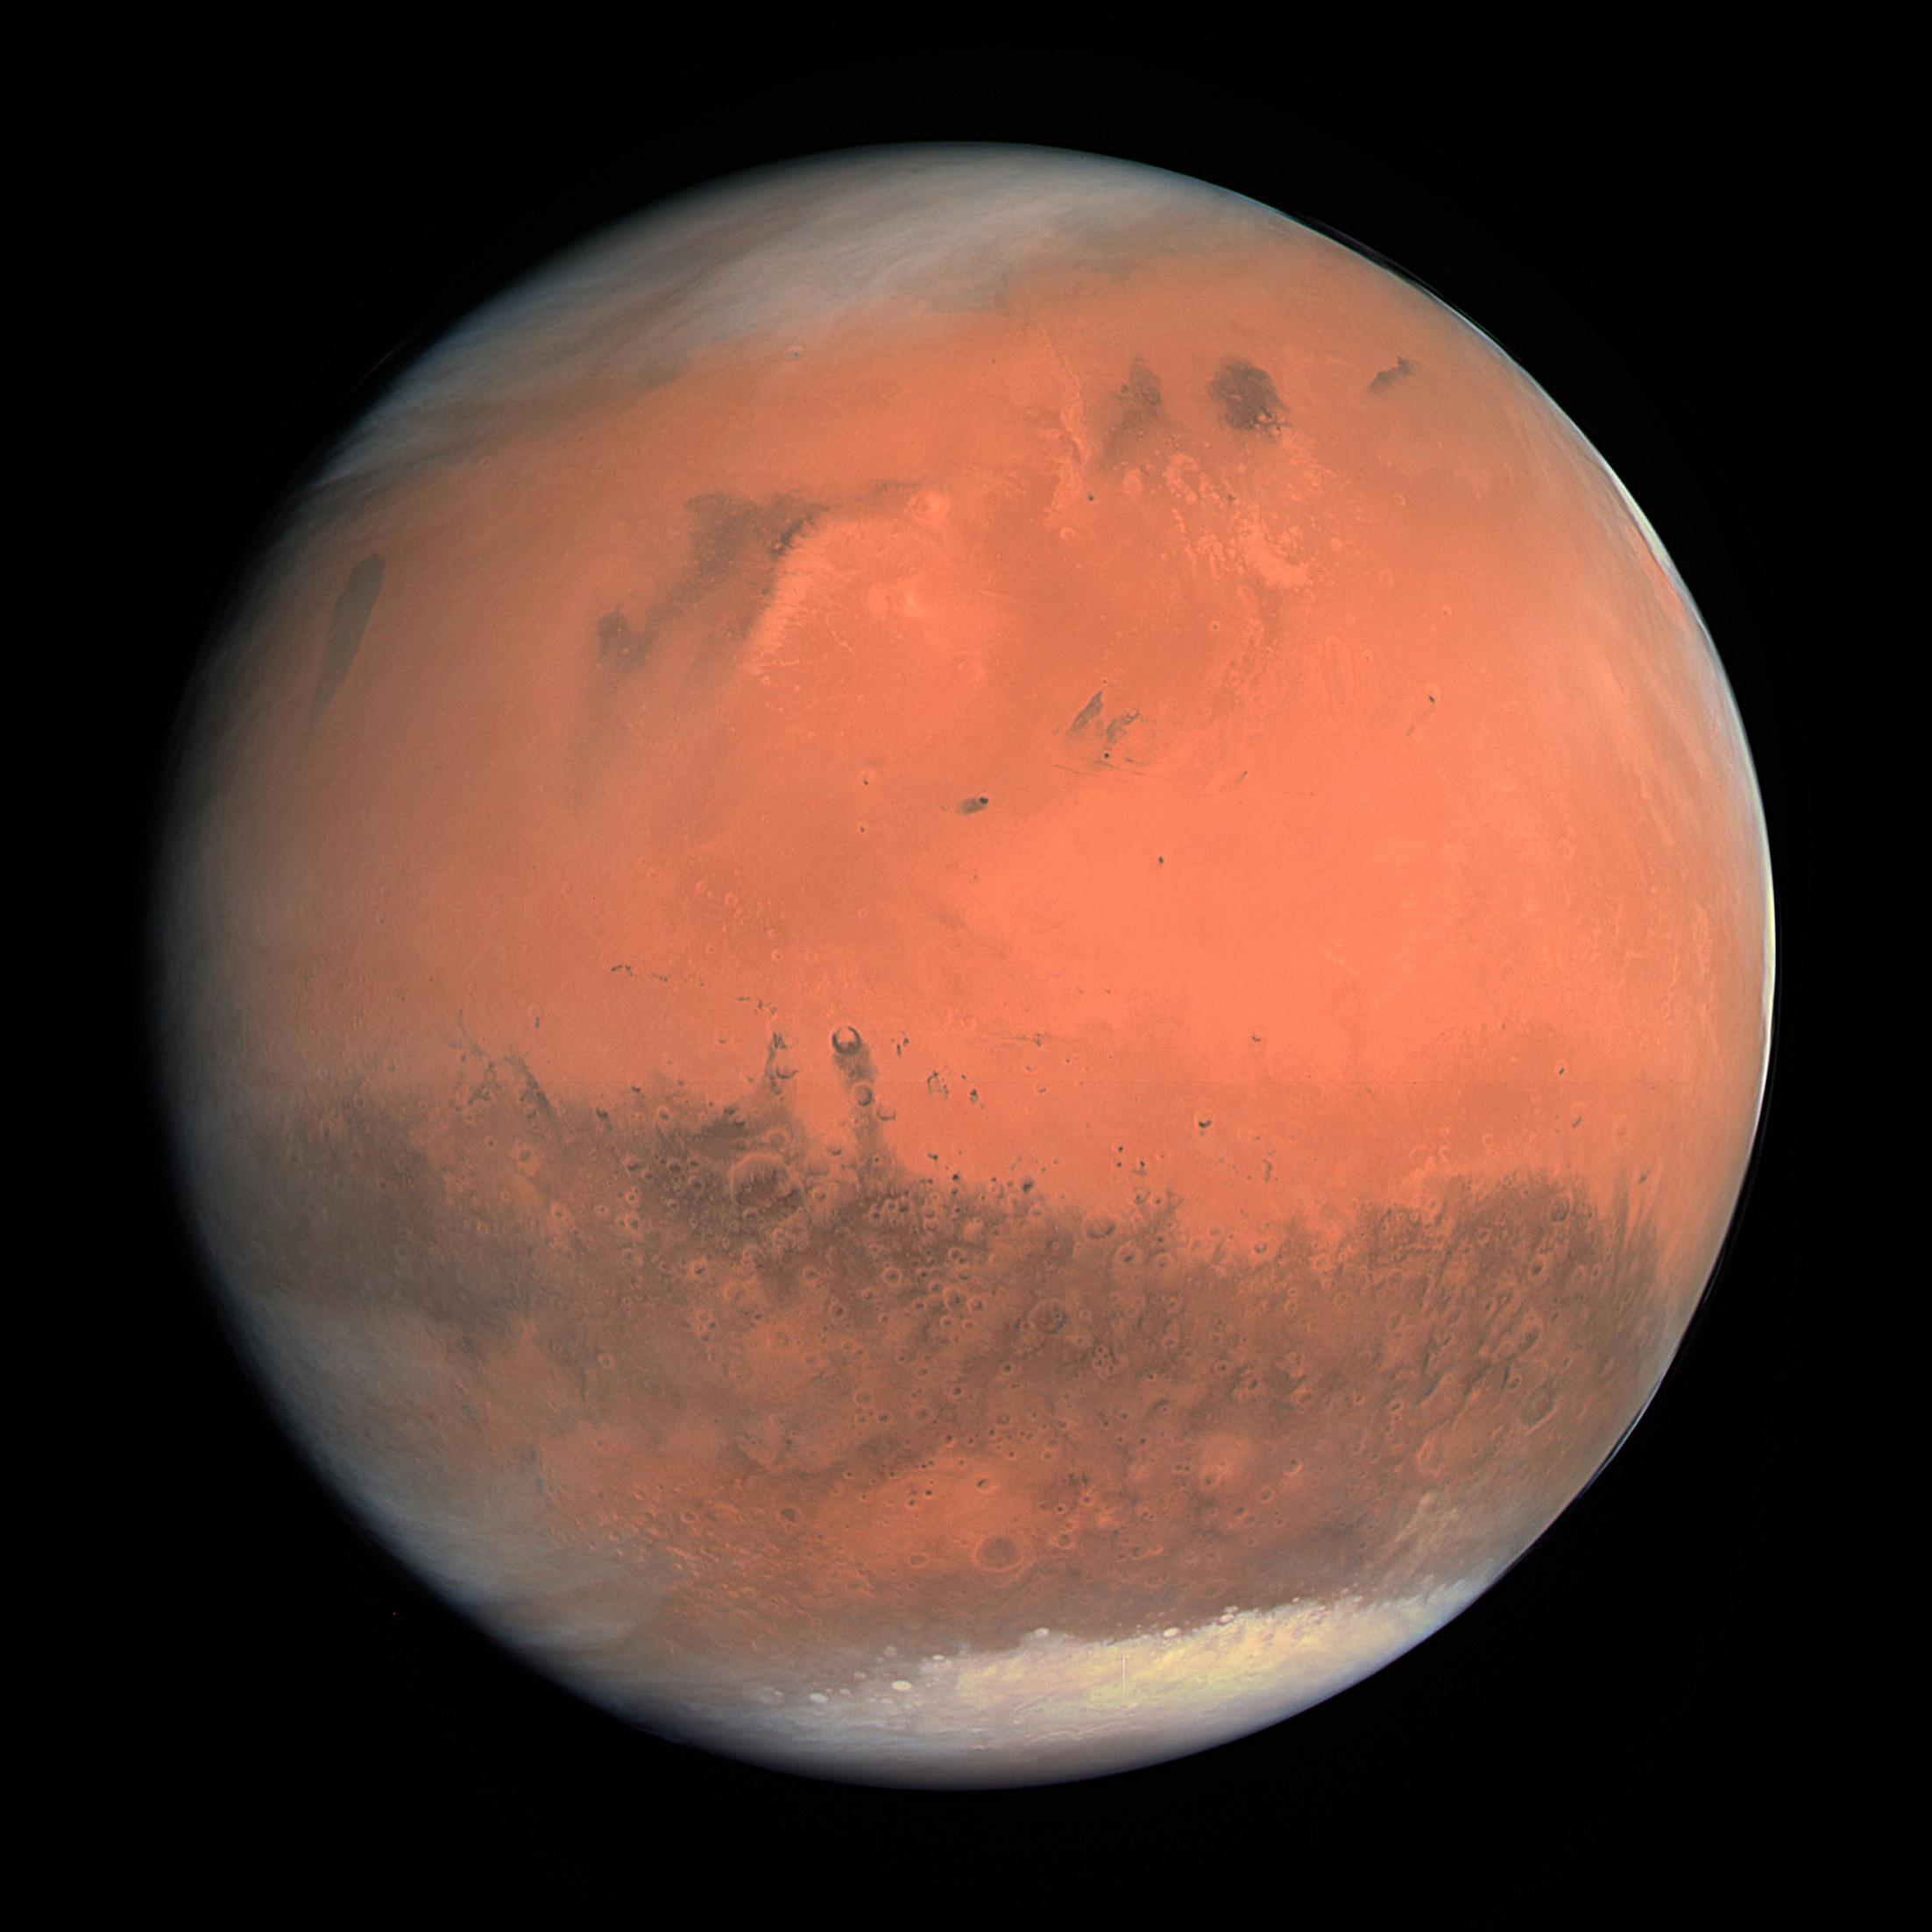 Раскопки на Марсе! Как астронавты будут выживать и обустраиваться на Красной планете